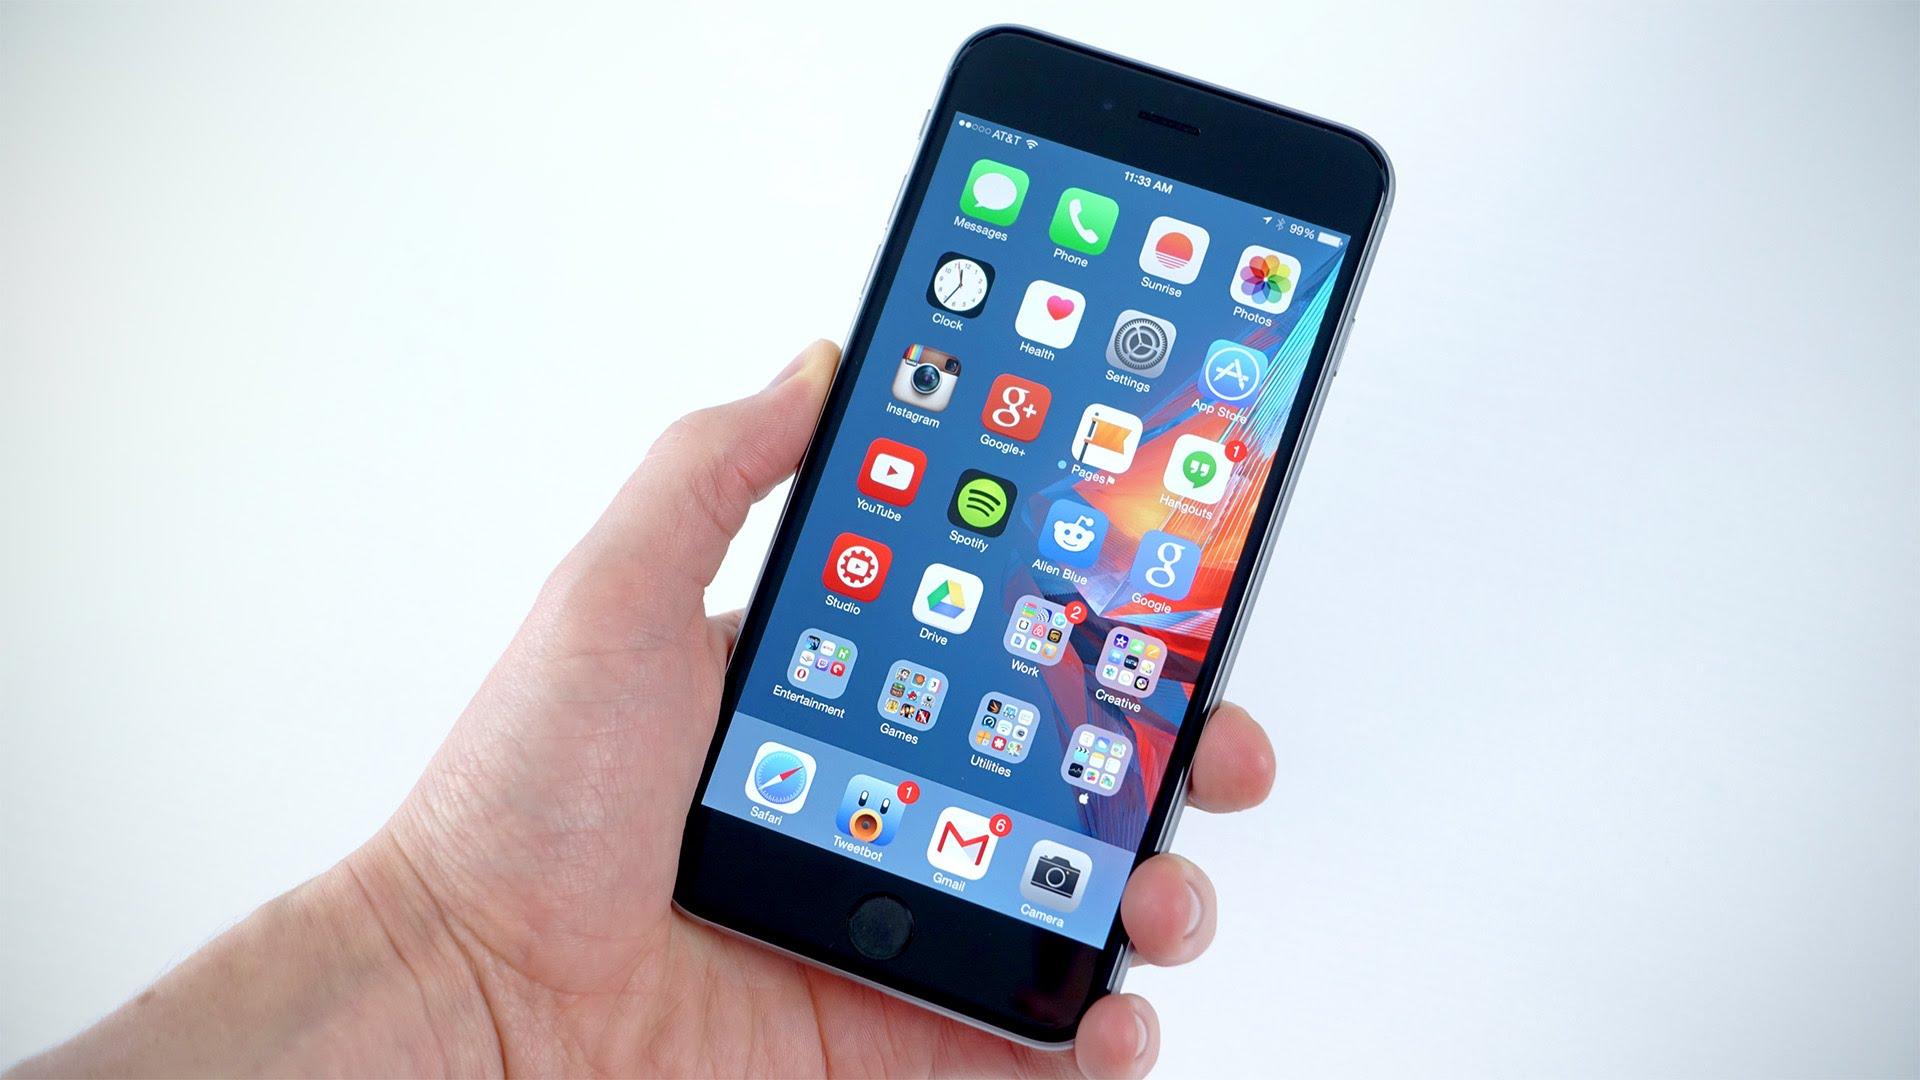 iphone 6 plus - Tổng hợp 5 ứng dụng hay và miễn phí trên iOS ngày 20.12.2016